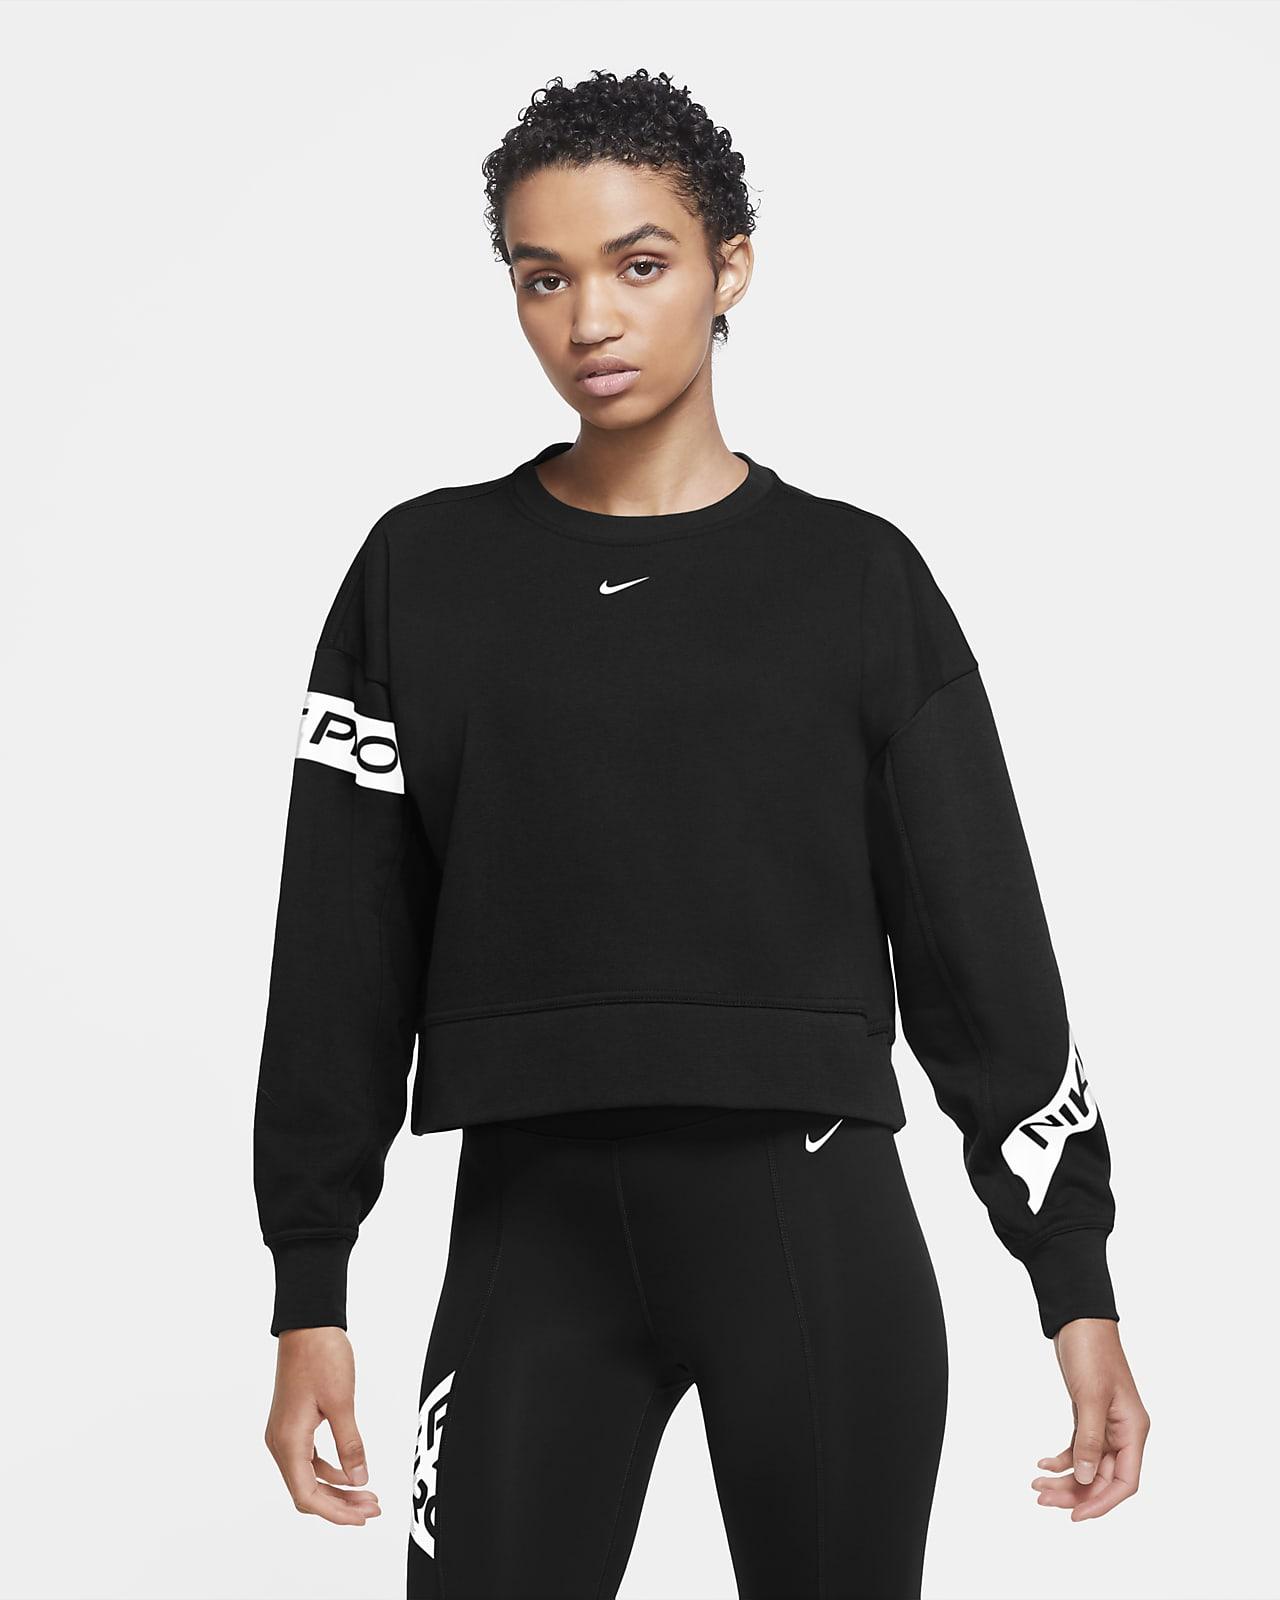 Nike Pro Dri-FIT Get Fit Sudadera de entrenamiento - Mujer